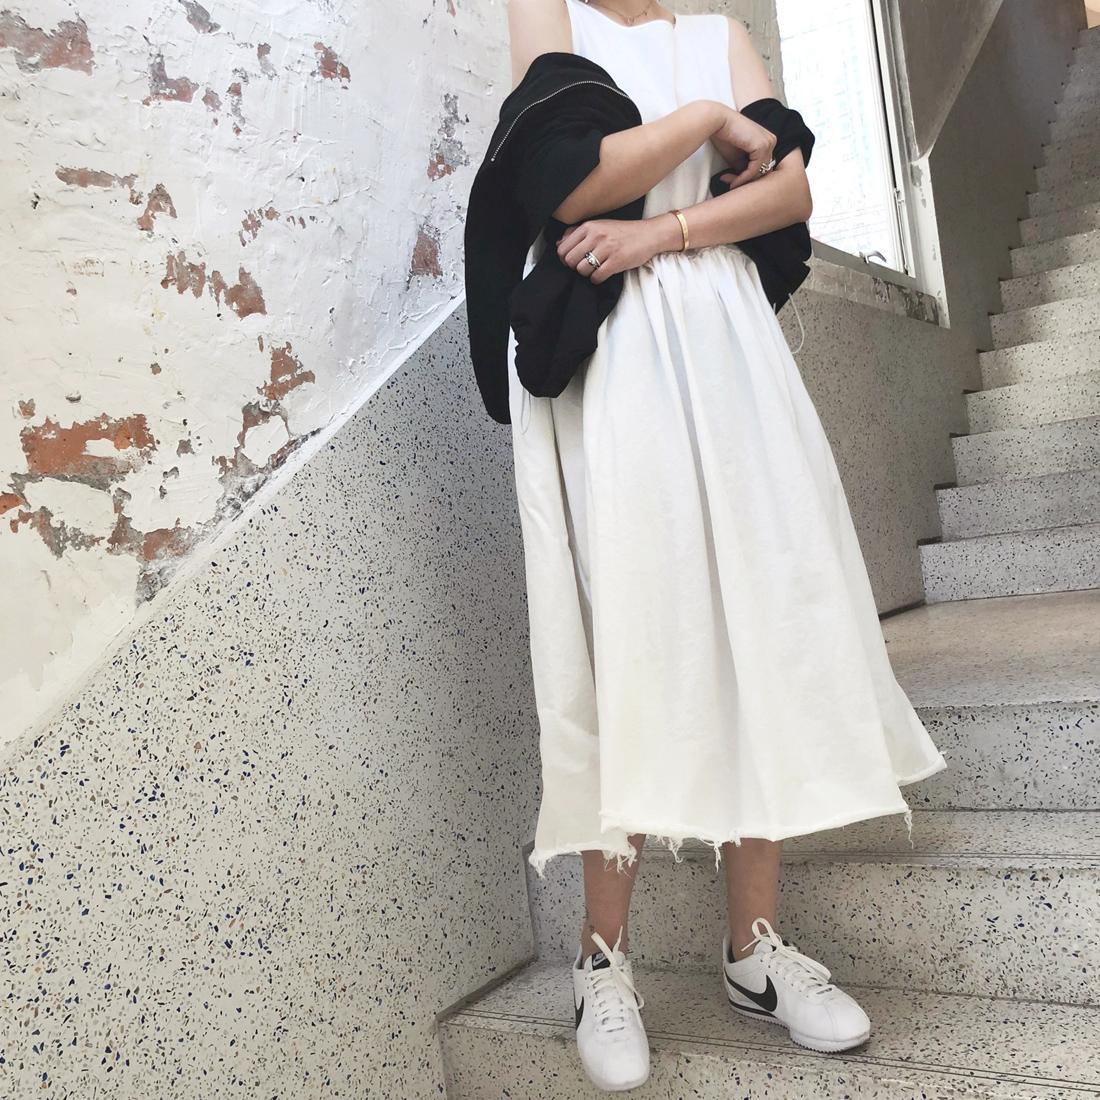 MINI2018夏季新款黑色高腰显瘦毛边连衣裙时尚中长款背心裙小黑裙